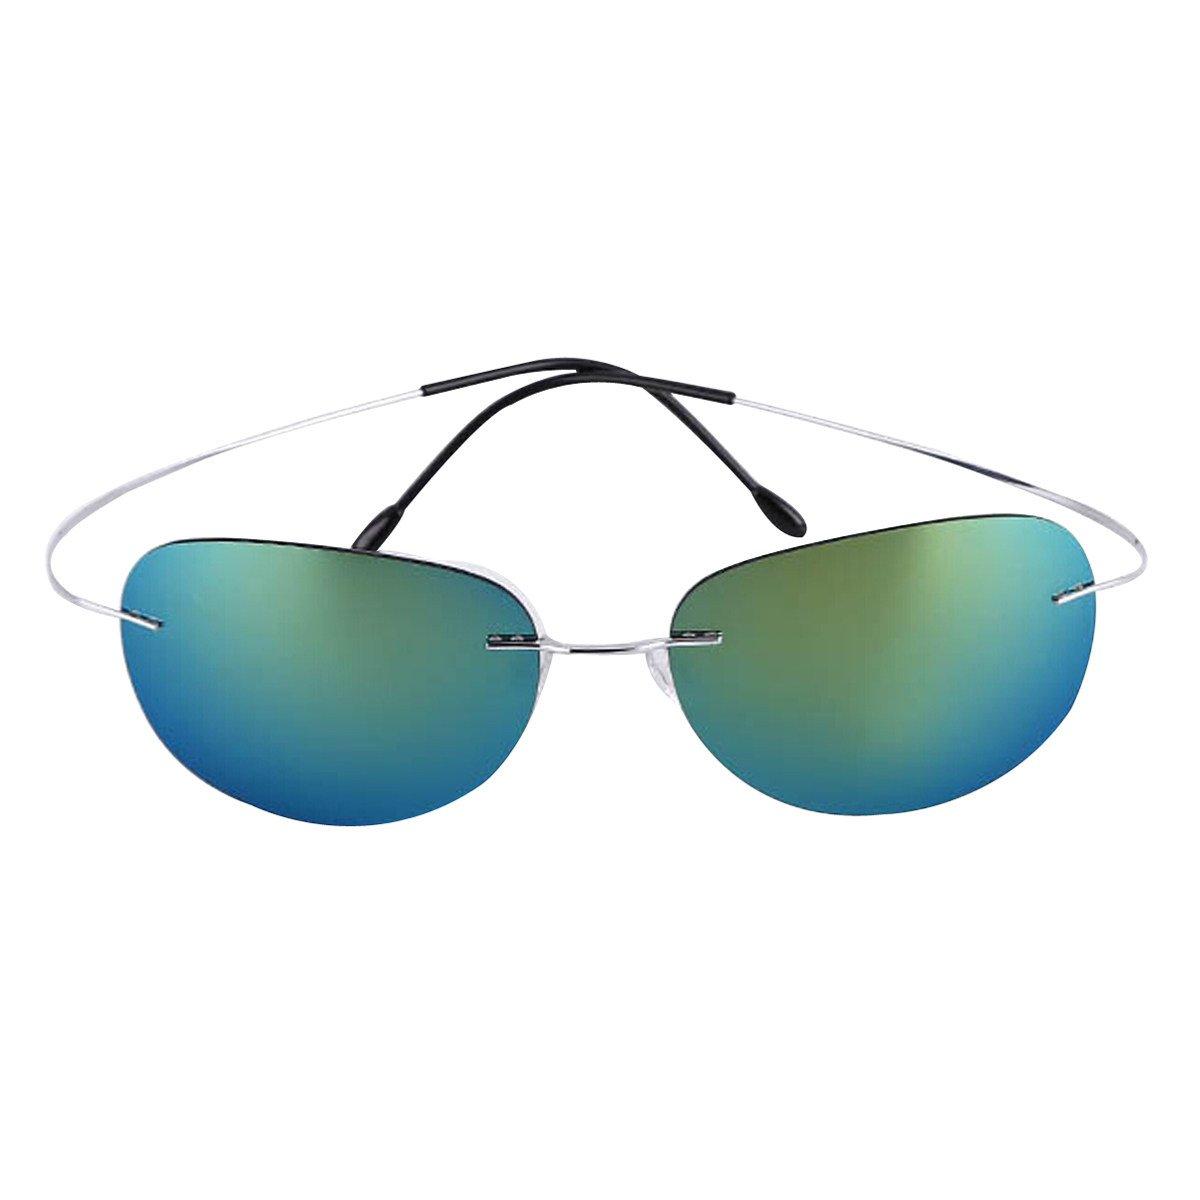 Gafas De Sol Polarizadas Simples Y Coloridas,Green